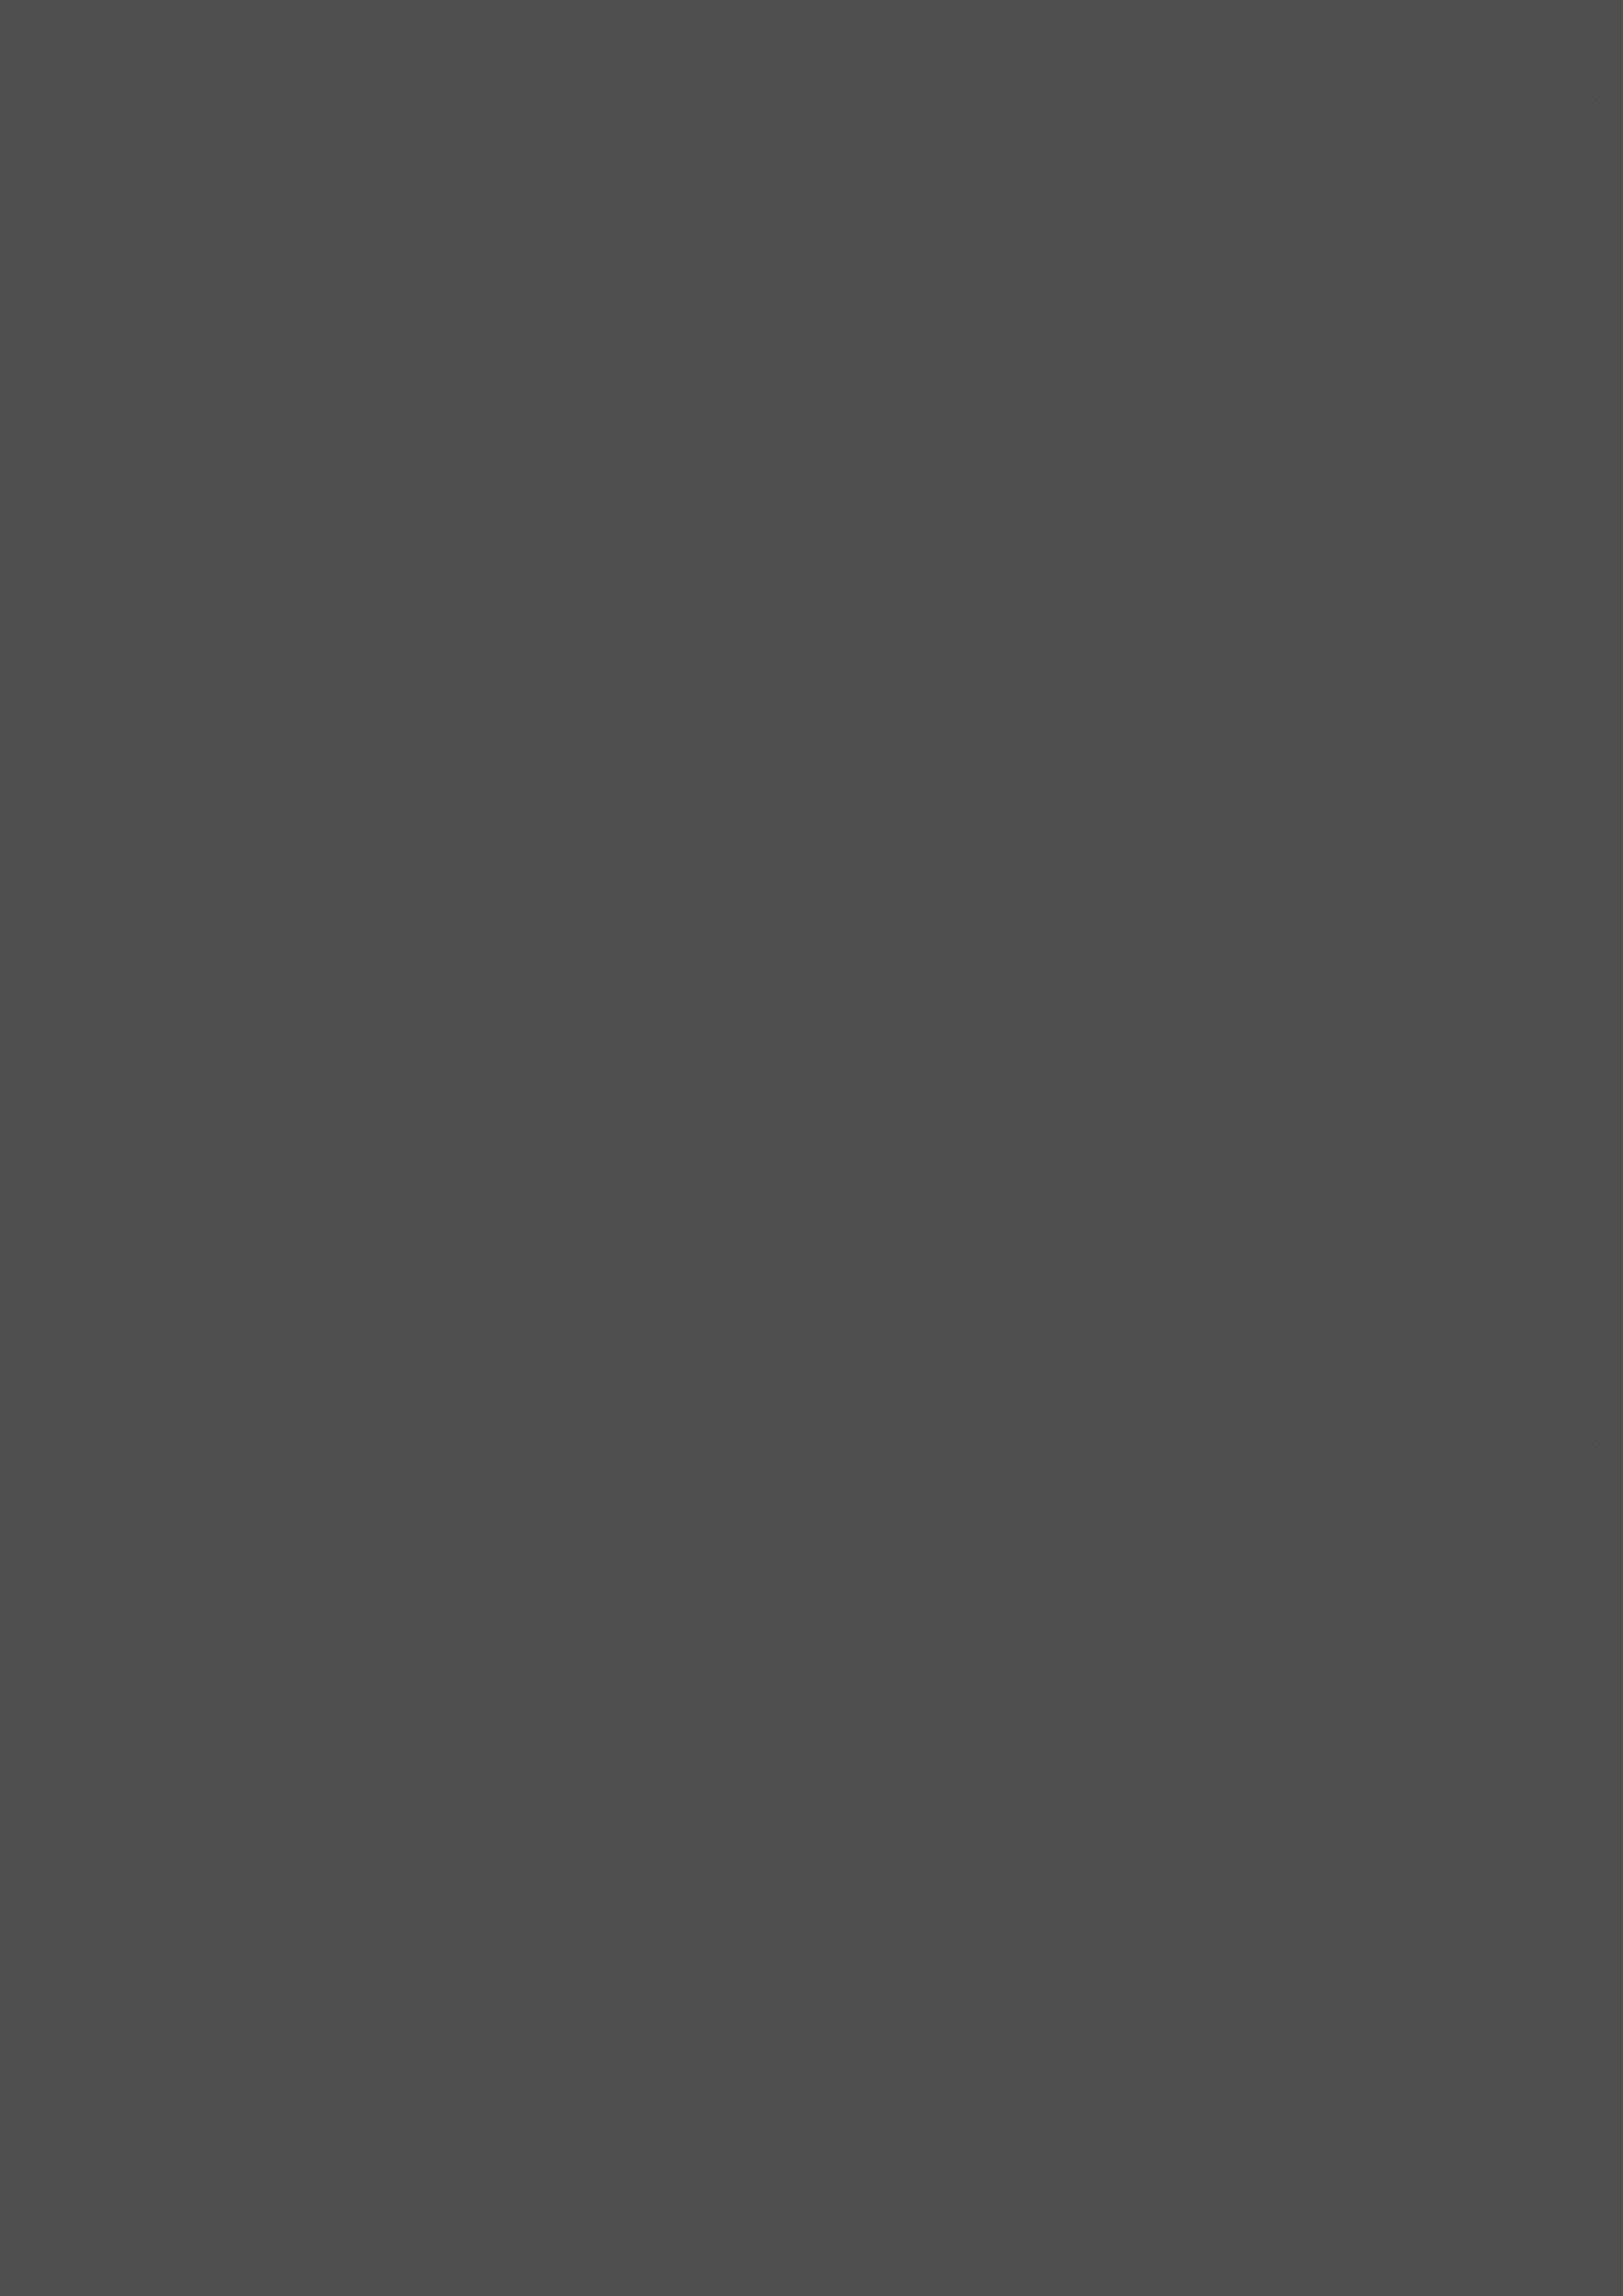 U12986_U1986_A4_300dpi_RGB